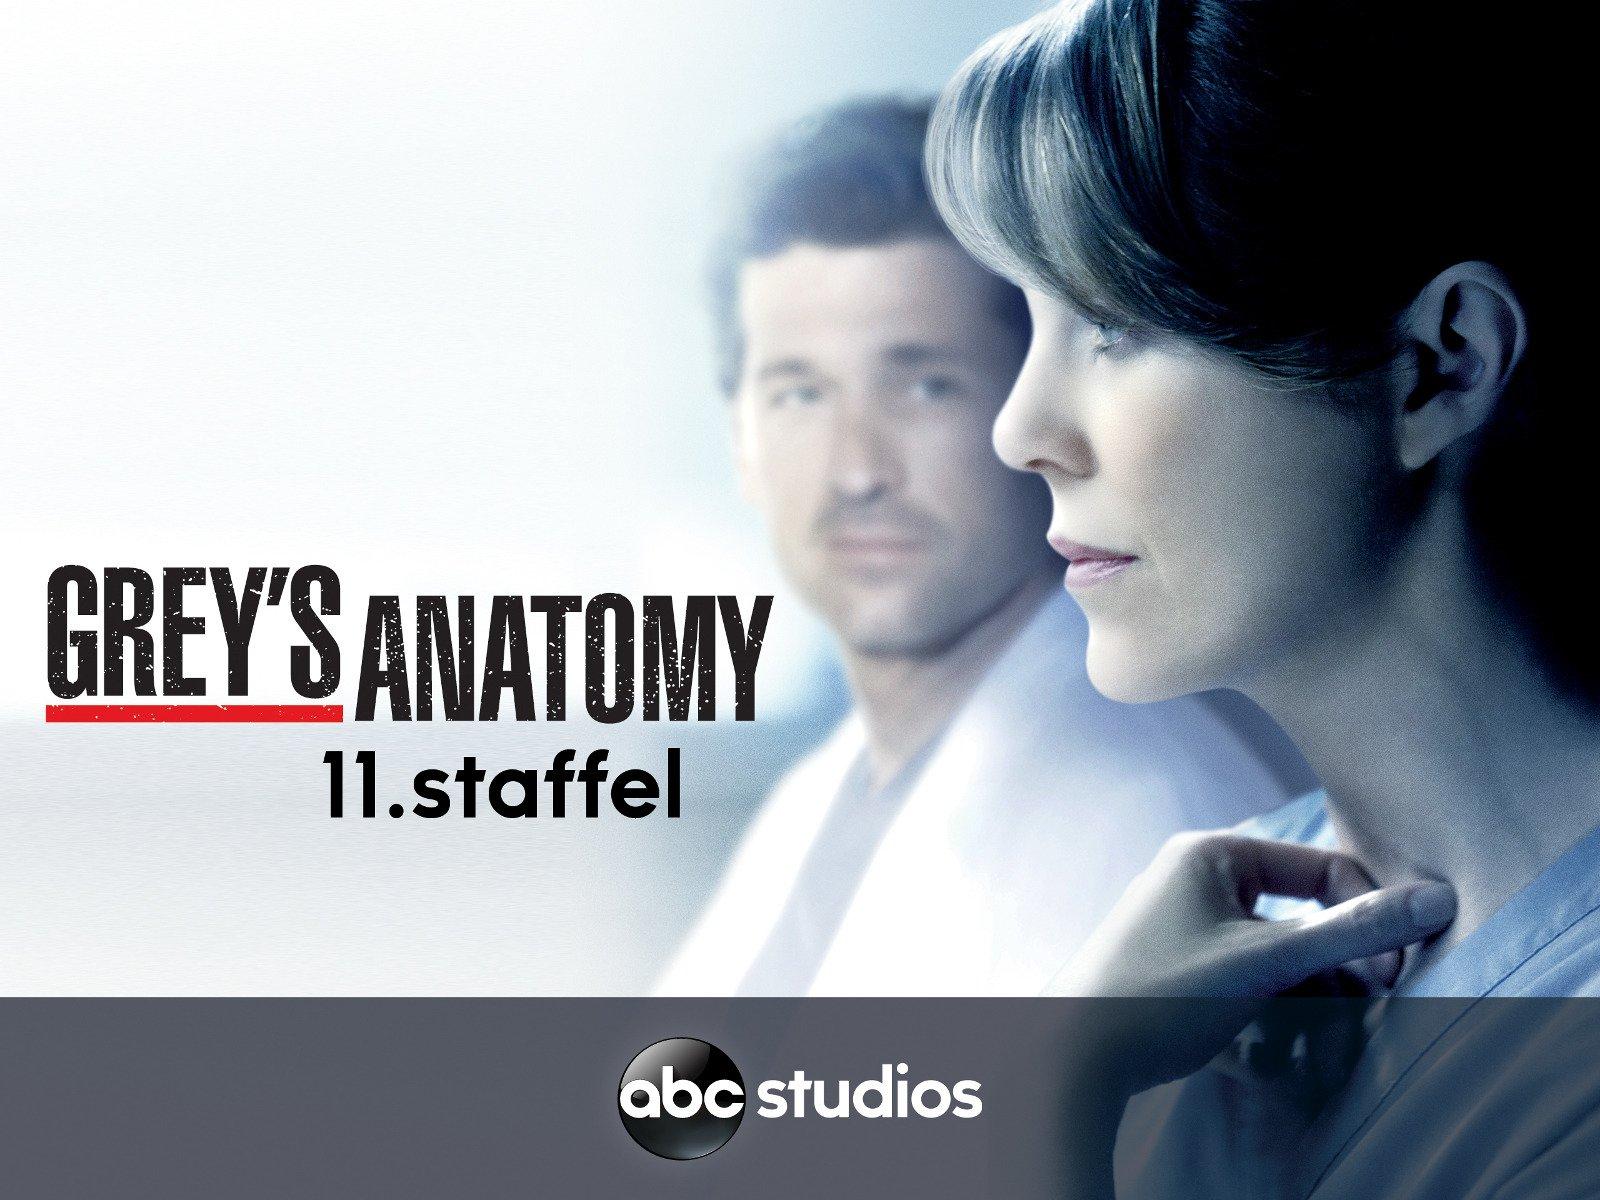 Grey\'s Anatomy - Staffel 11 [dt./OV] online schauen und streamen bei ...